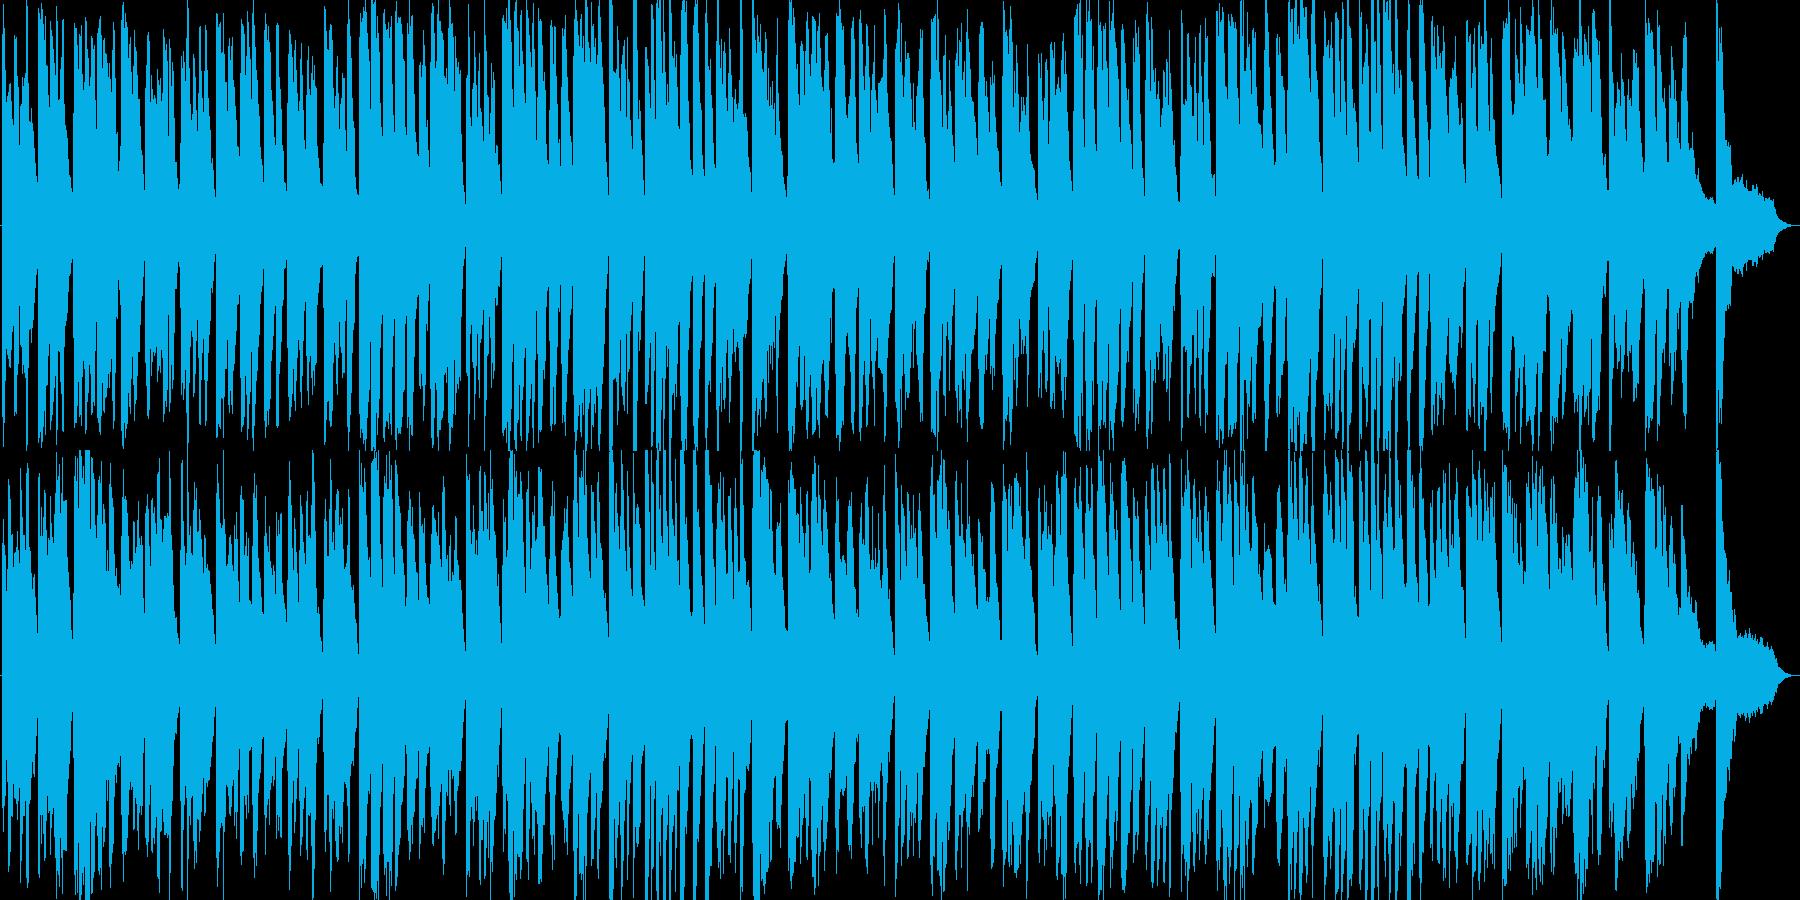 和を感じるほのぼのテイストシンセの再生済みの波形